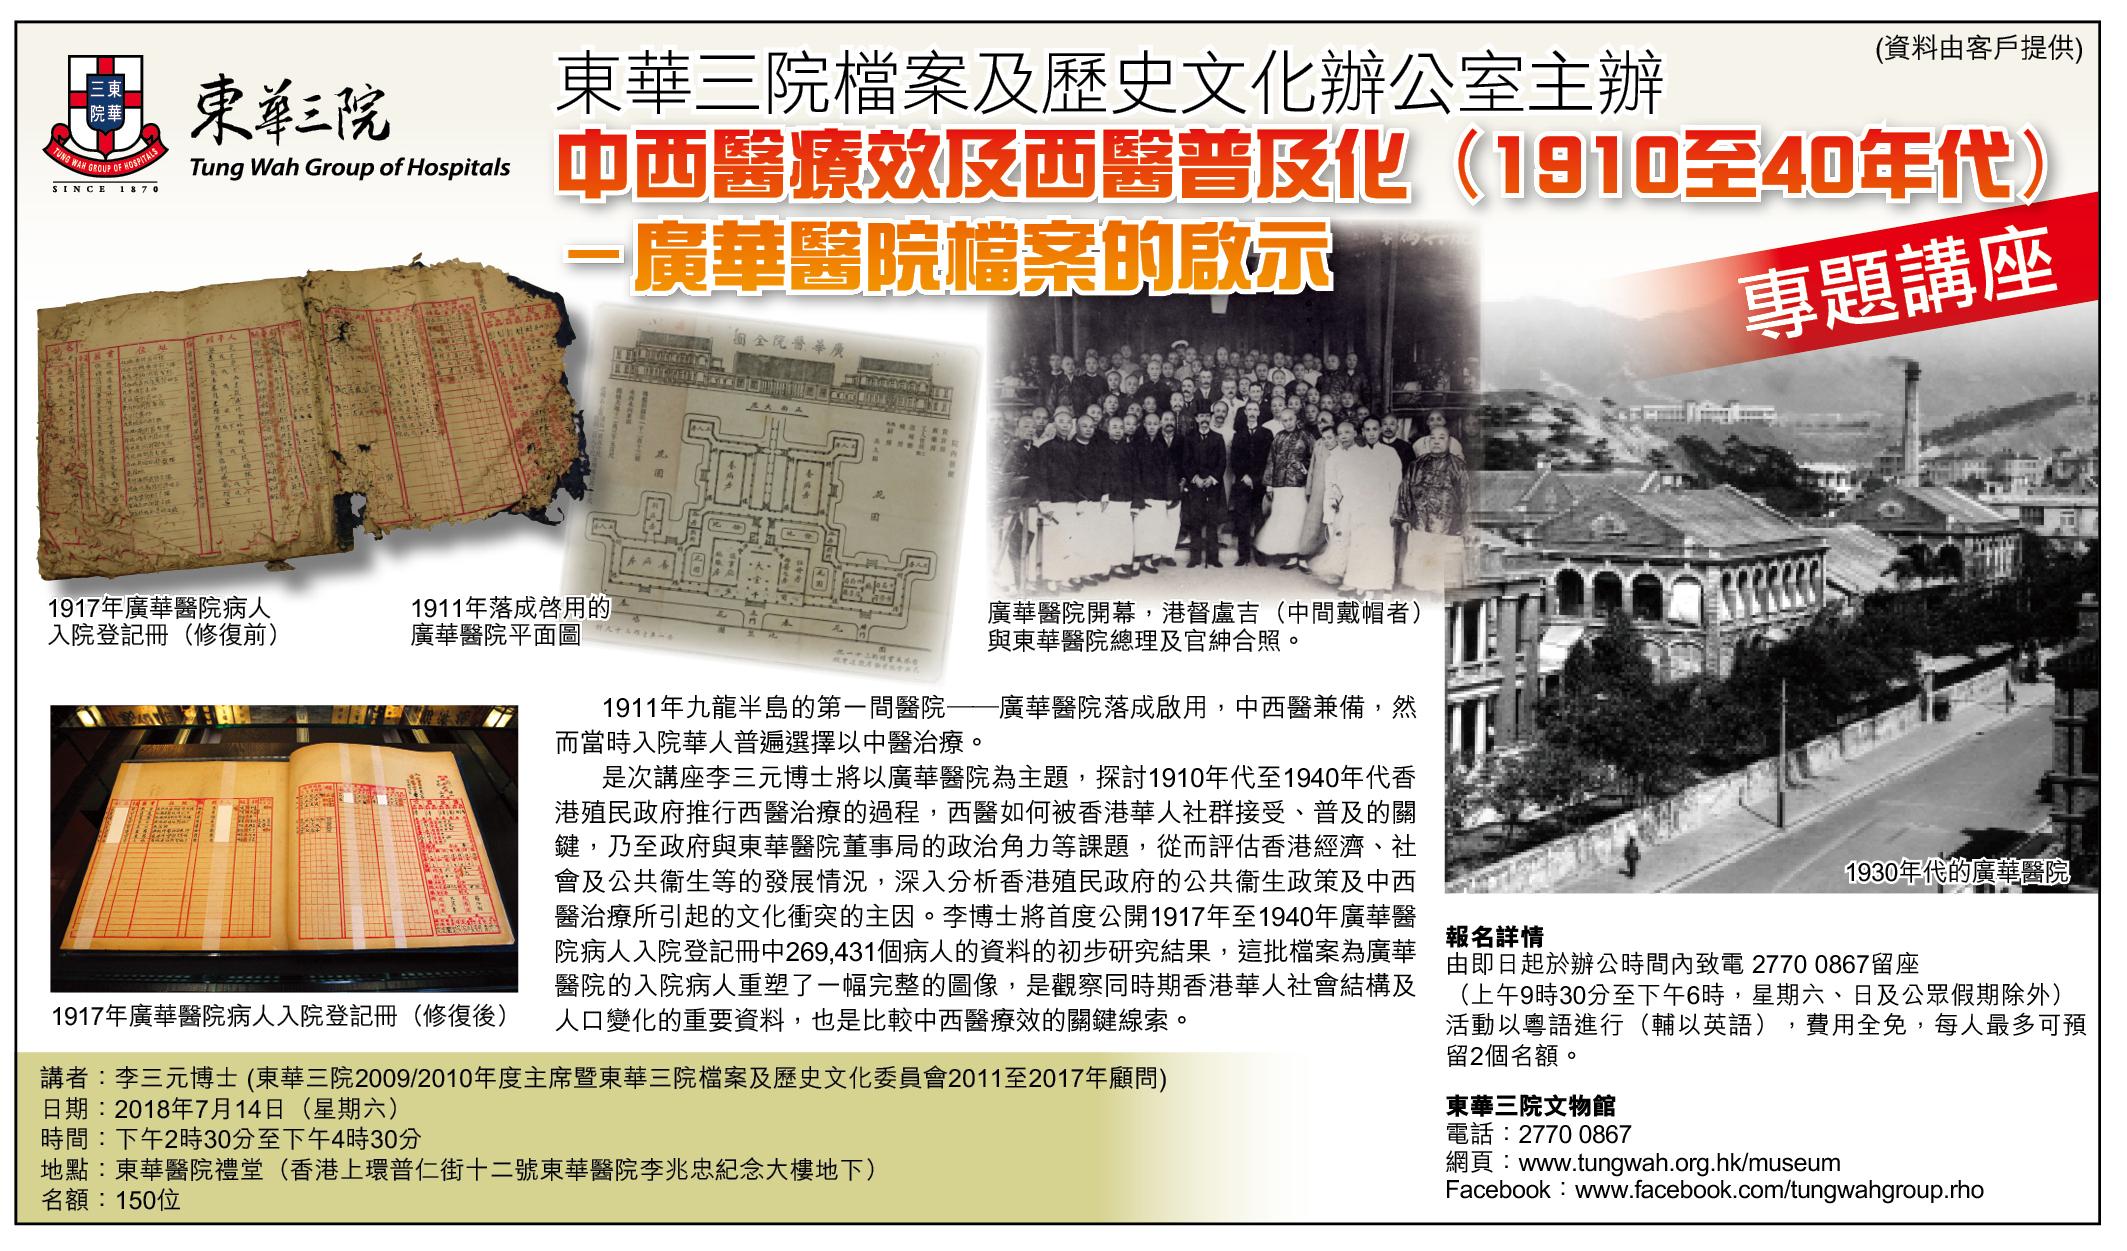 「中西医疗效及西医普及化(1910至40年代)——广华医院档案的启示」讲座 - AM730广告稿 (2018.7.4)